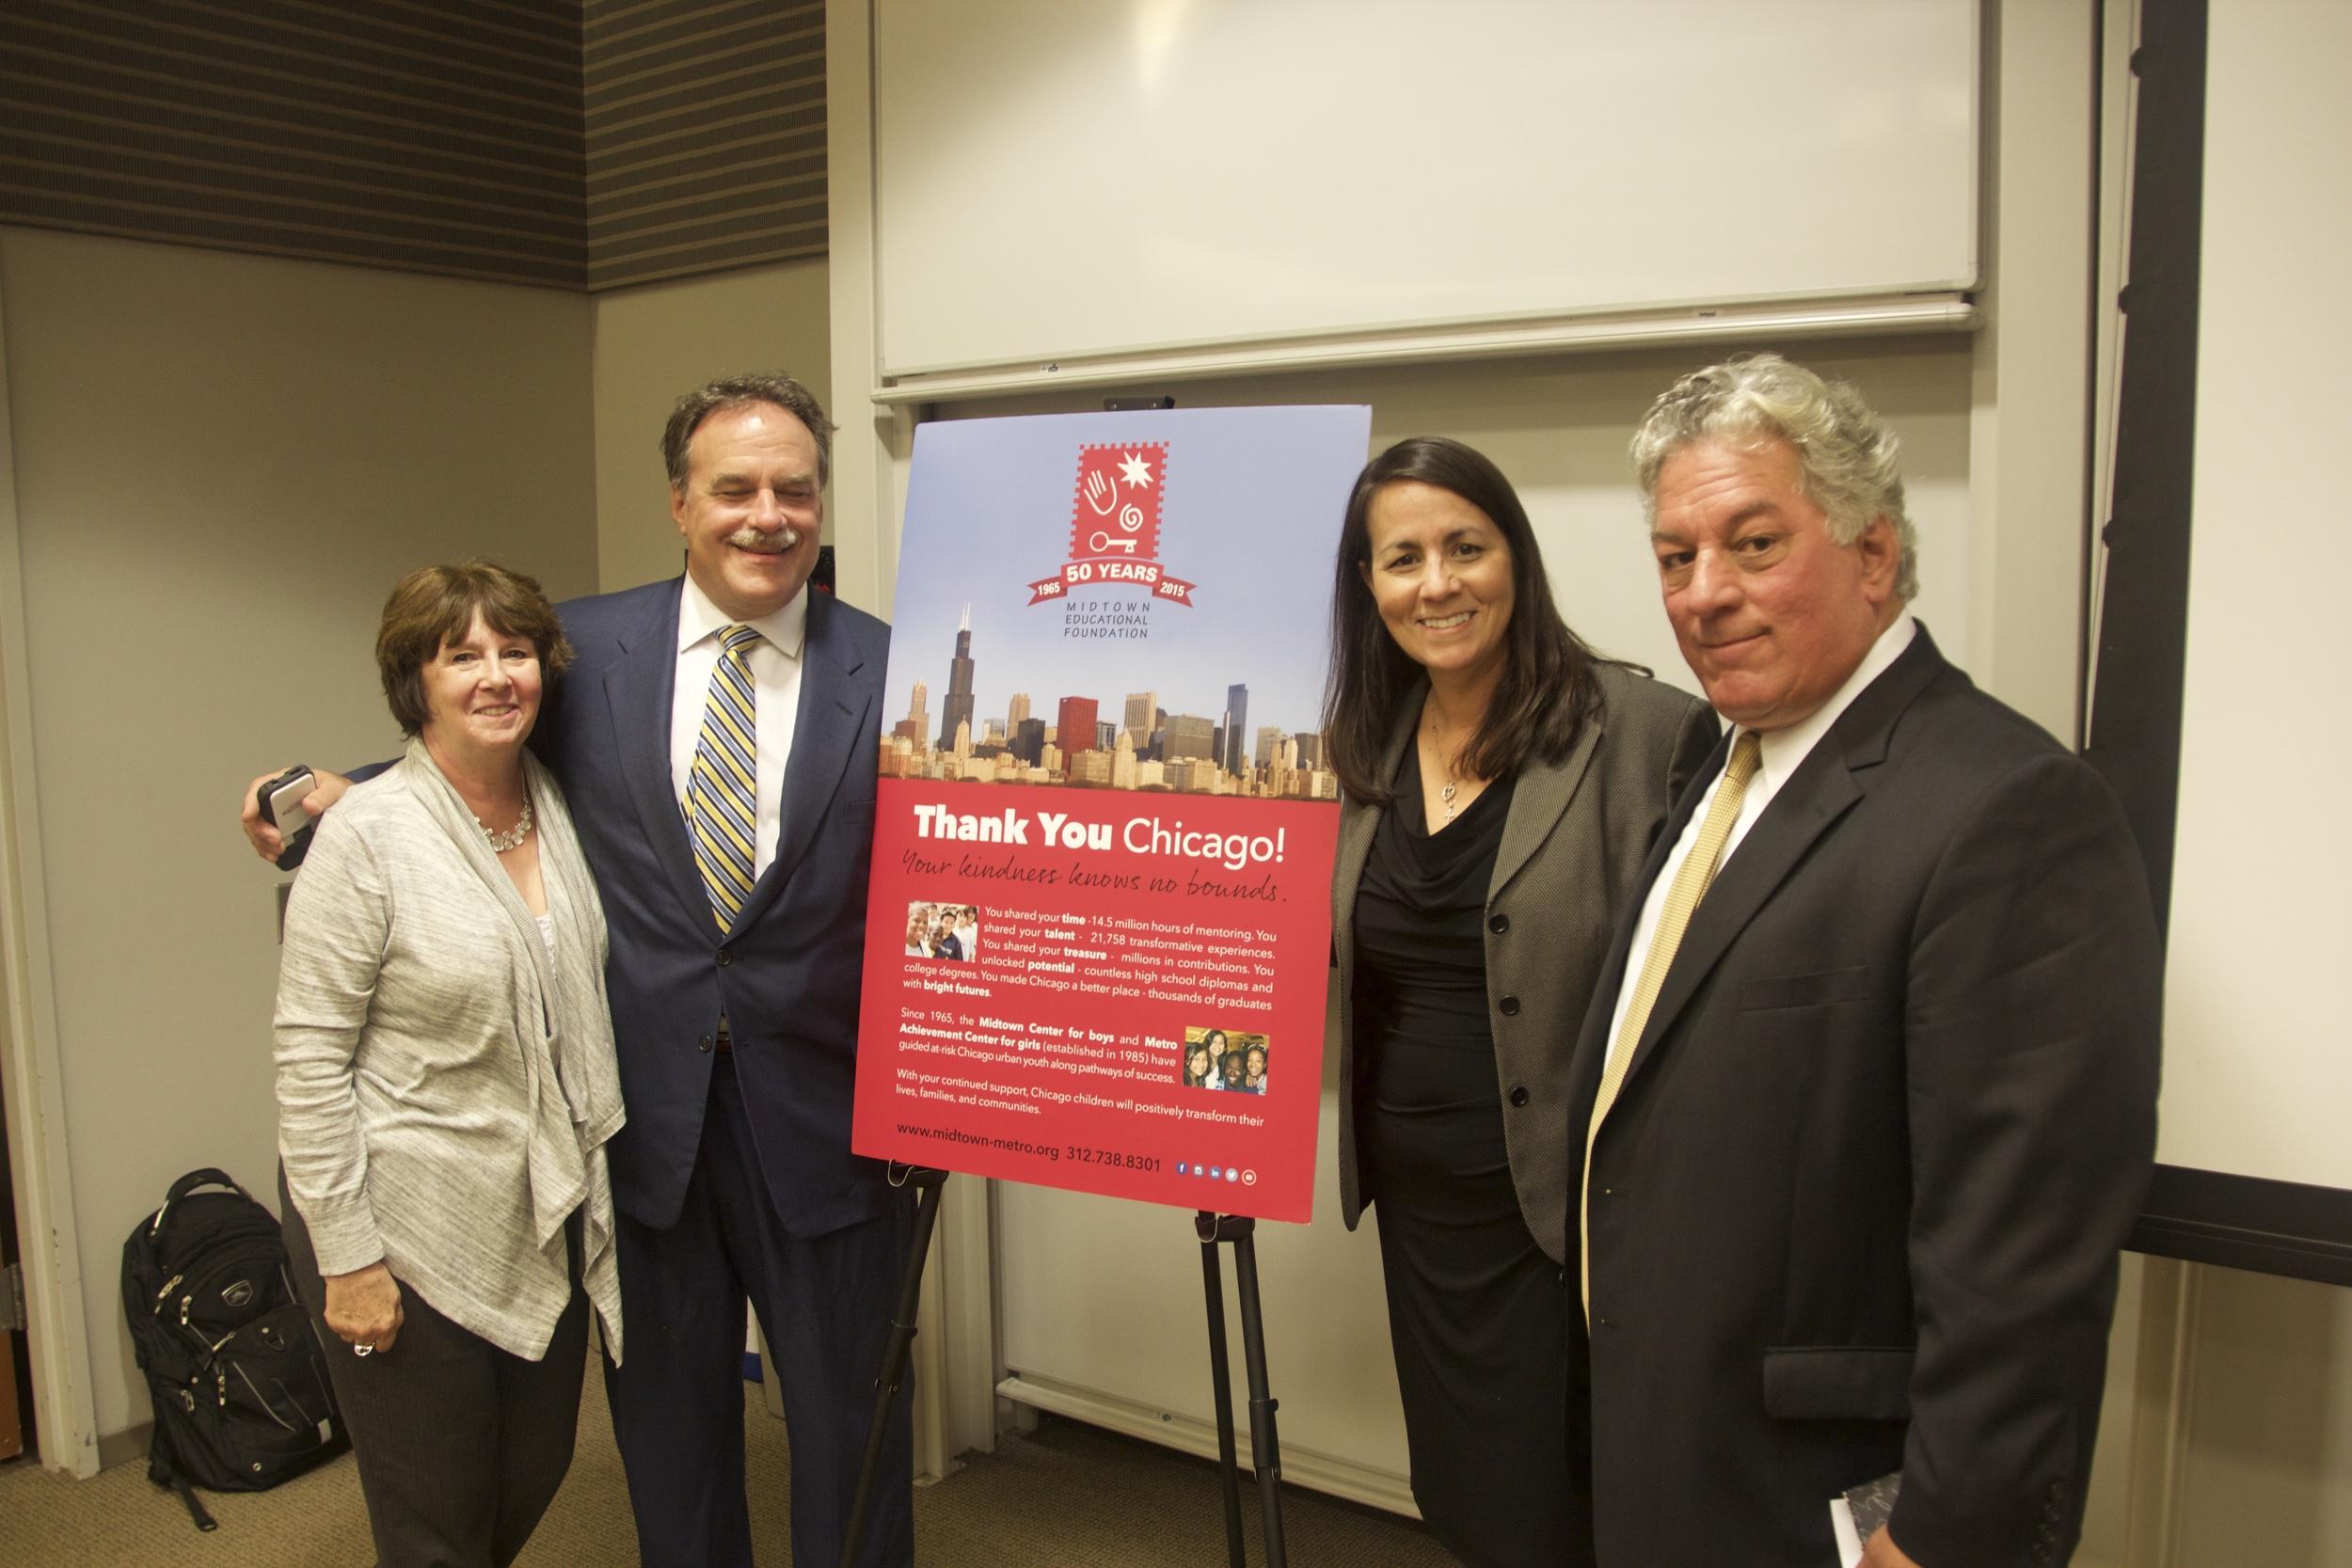 Brian Kasal, of FourStar Wealth Advisors sponsored the Breakfast